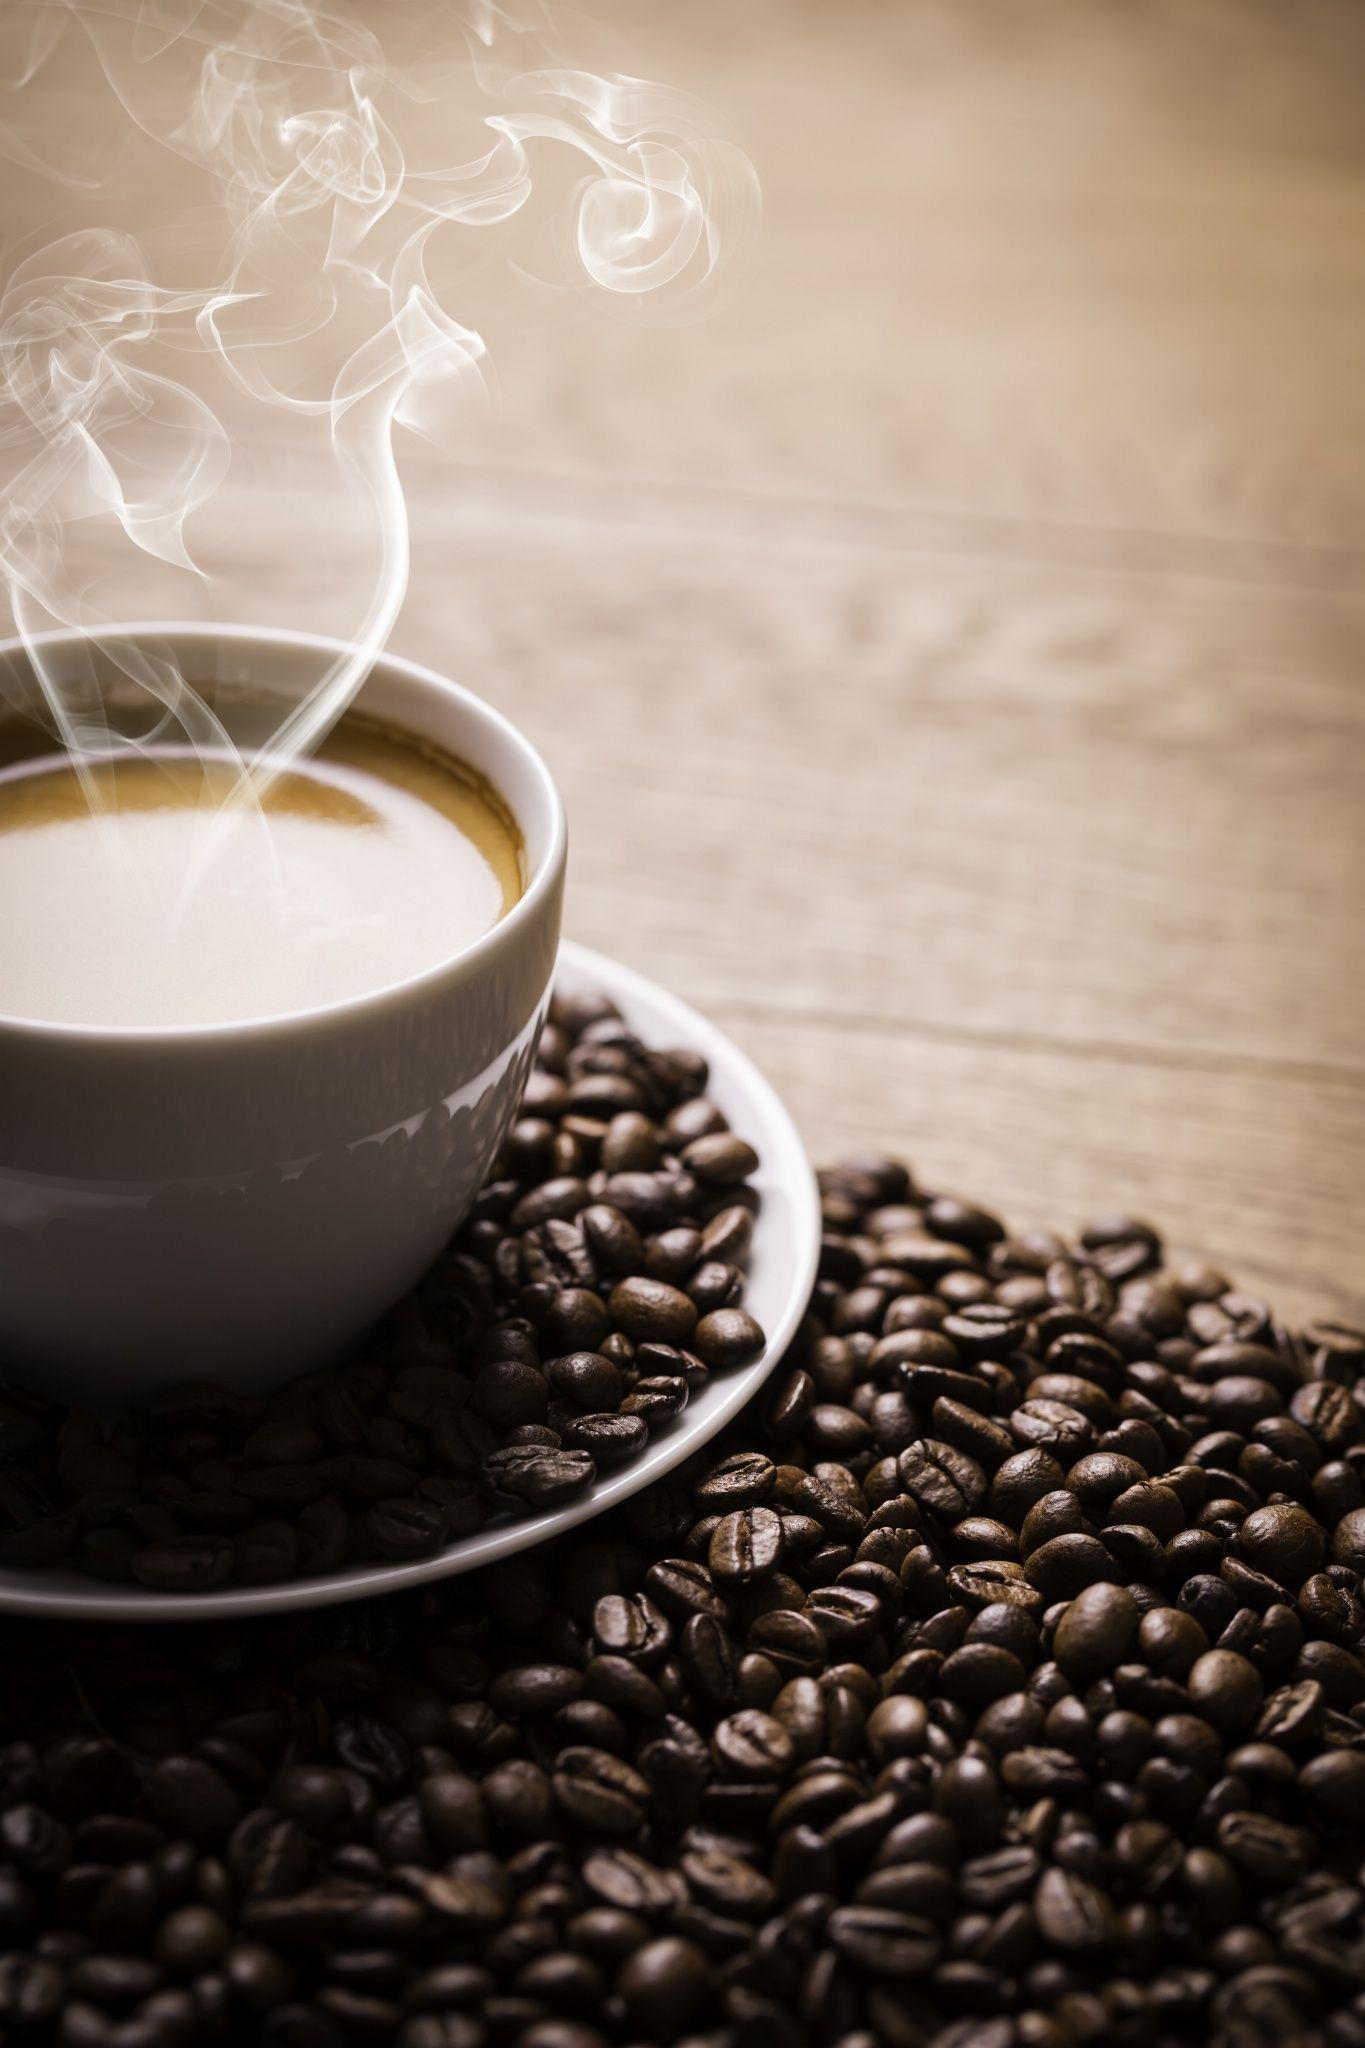 hot coffee by adam śmigielski on 500px